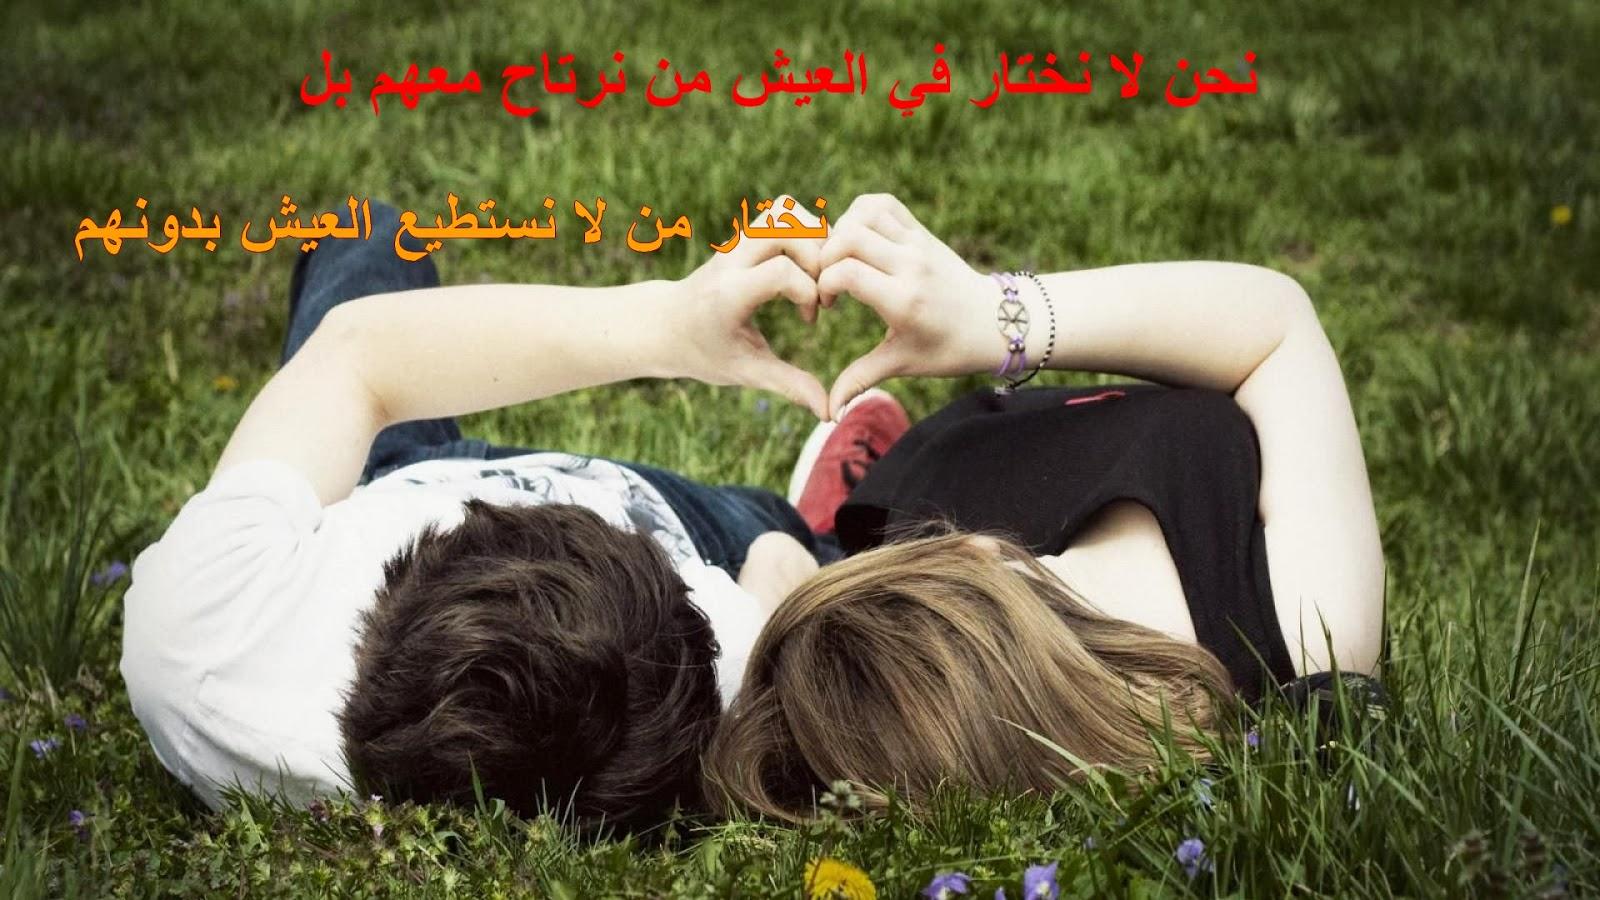 بالصور اشعار حب وغرام , كلمات حبيب عاشق 2573 1